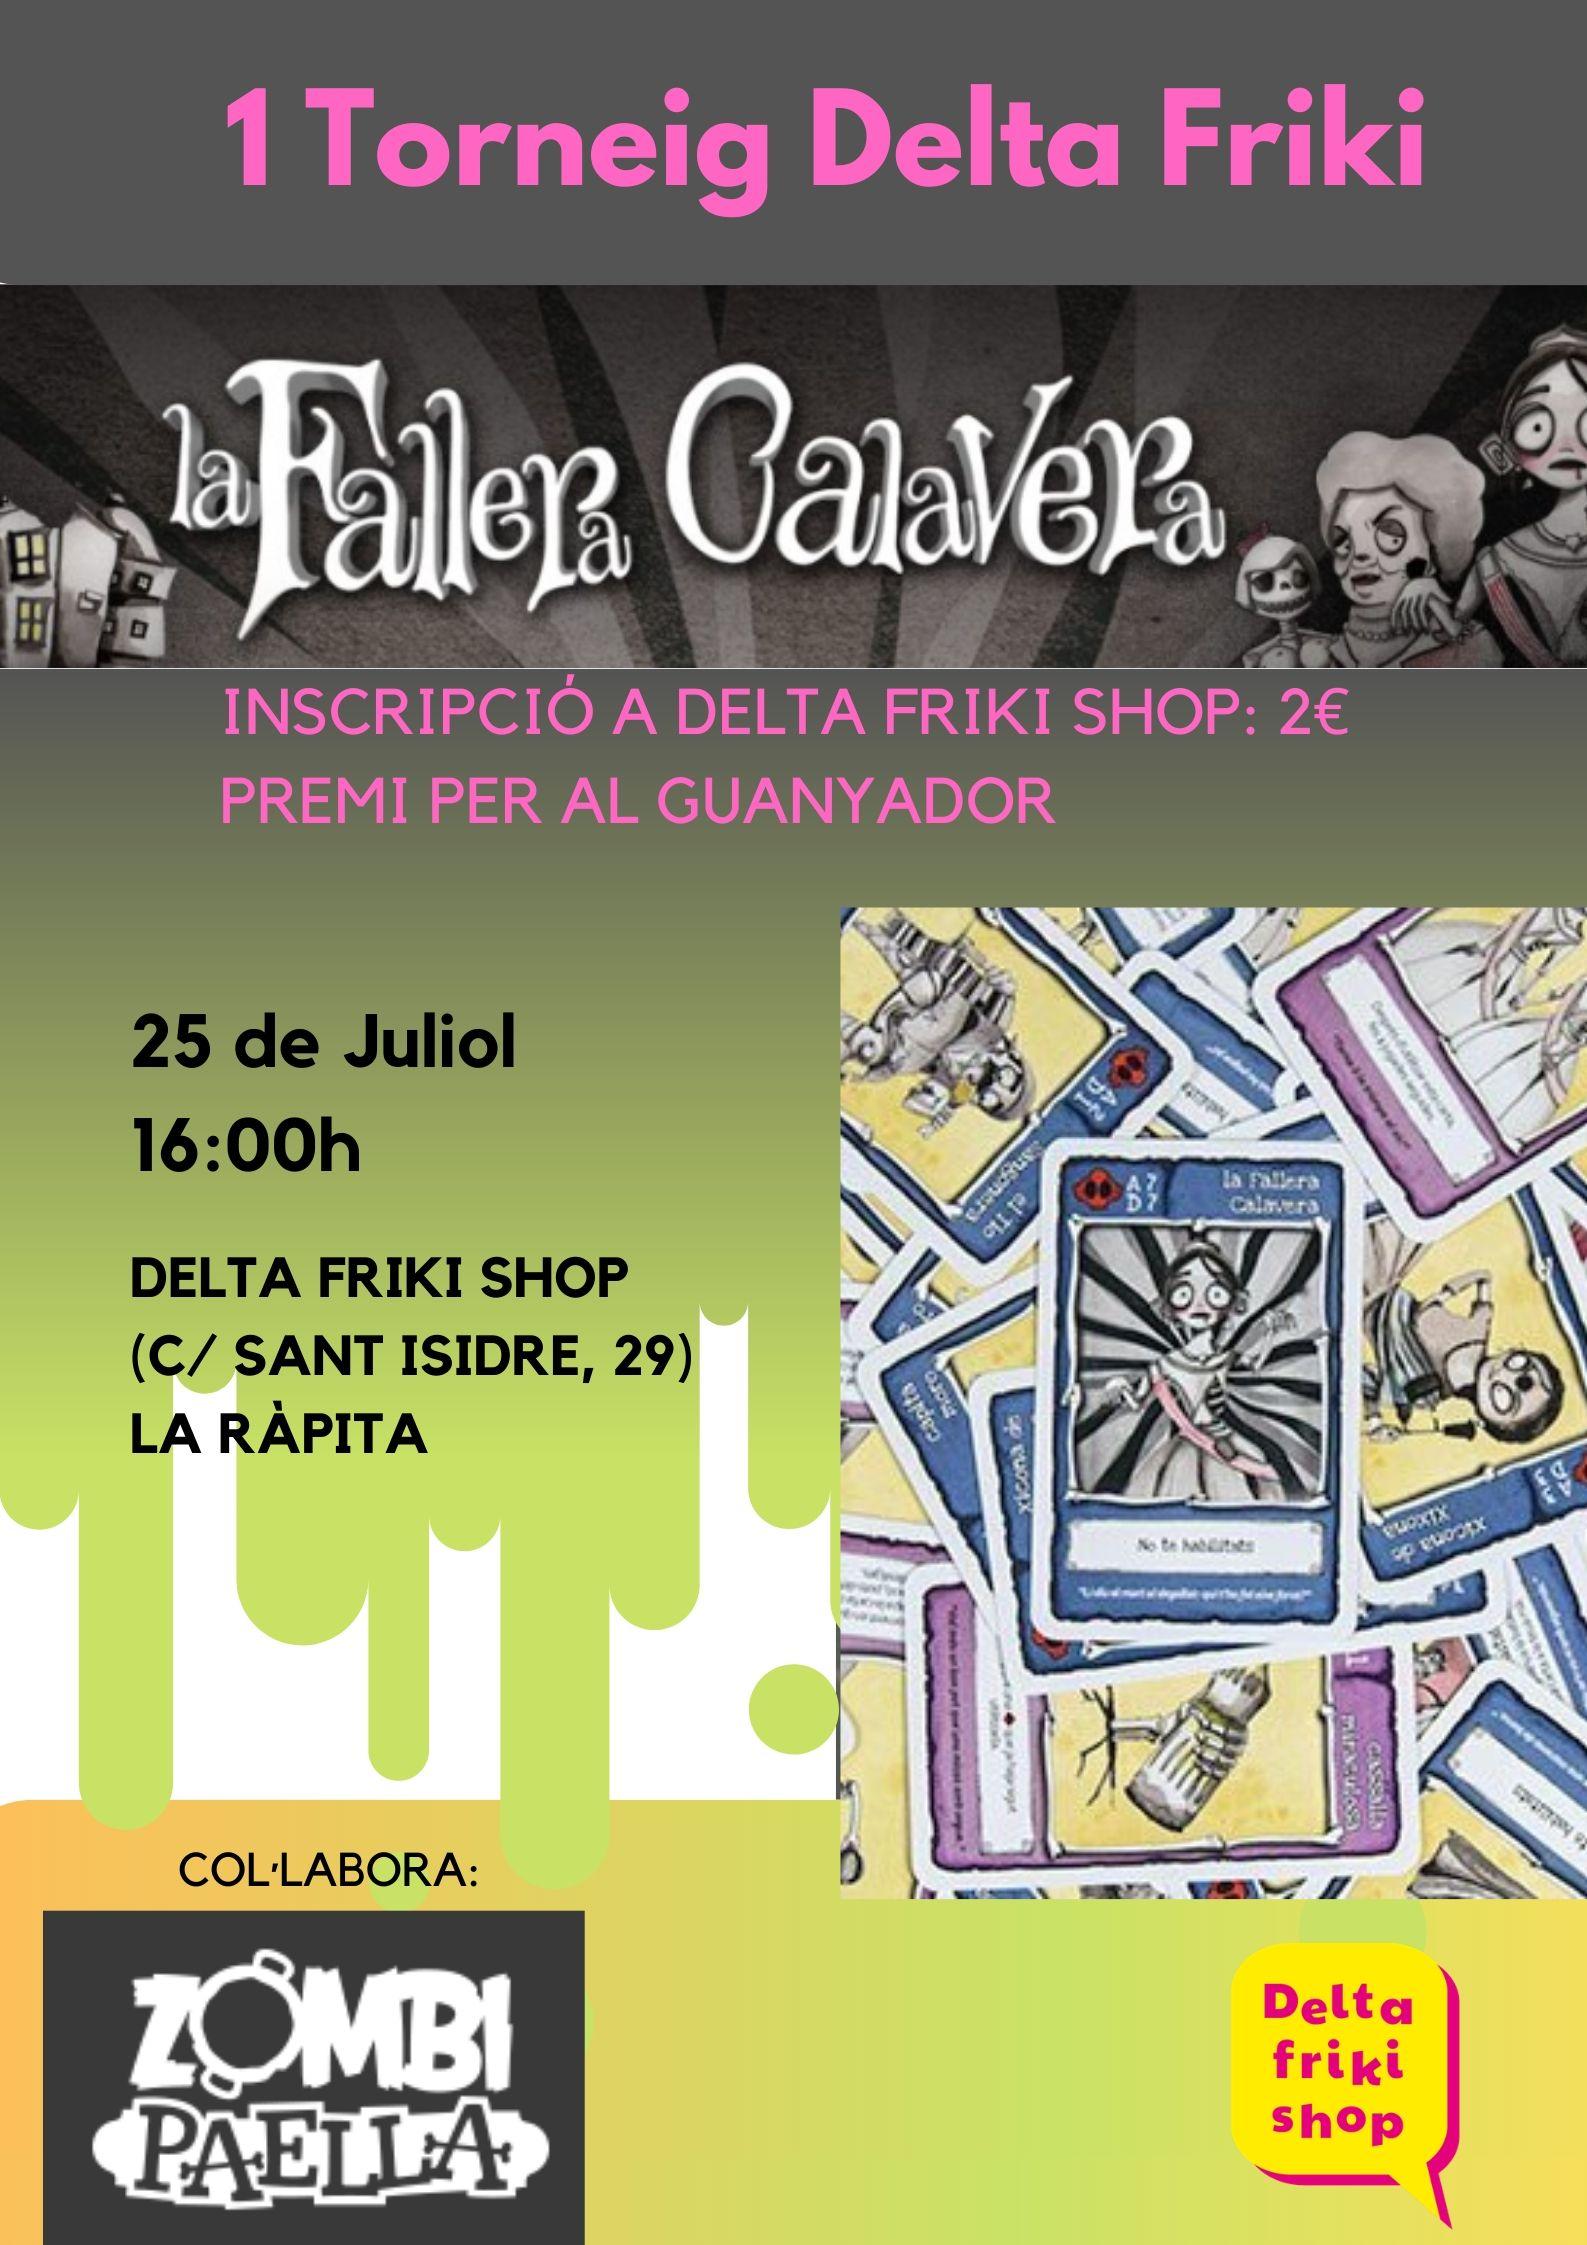 Torneo de La Fallera Calavera en Sant Carles de la Ràpita